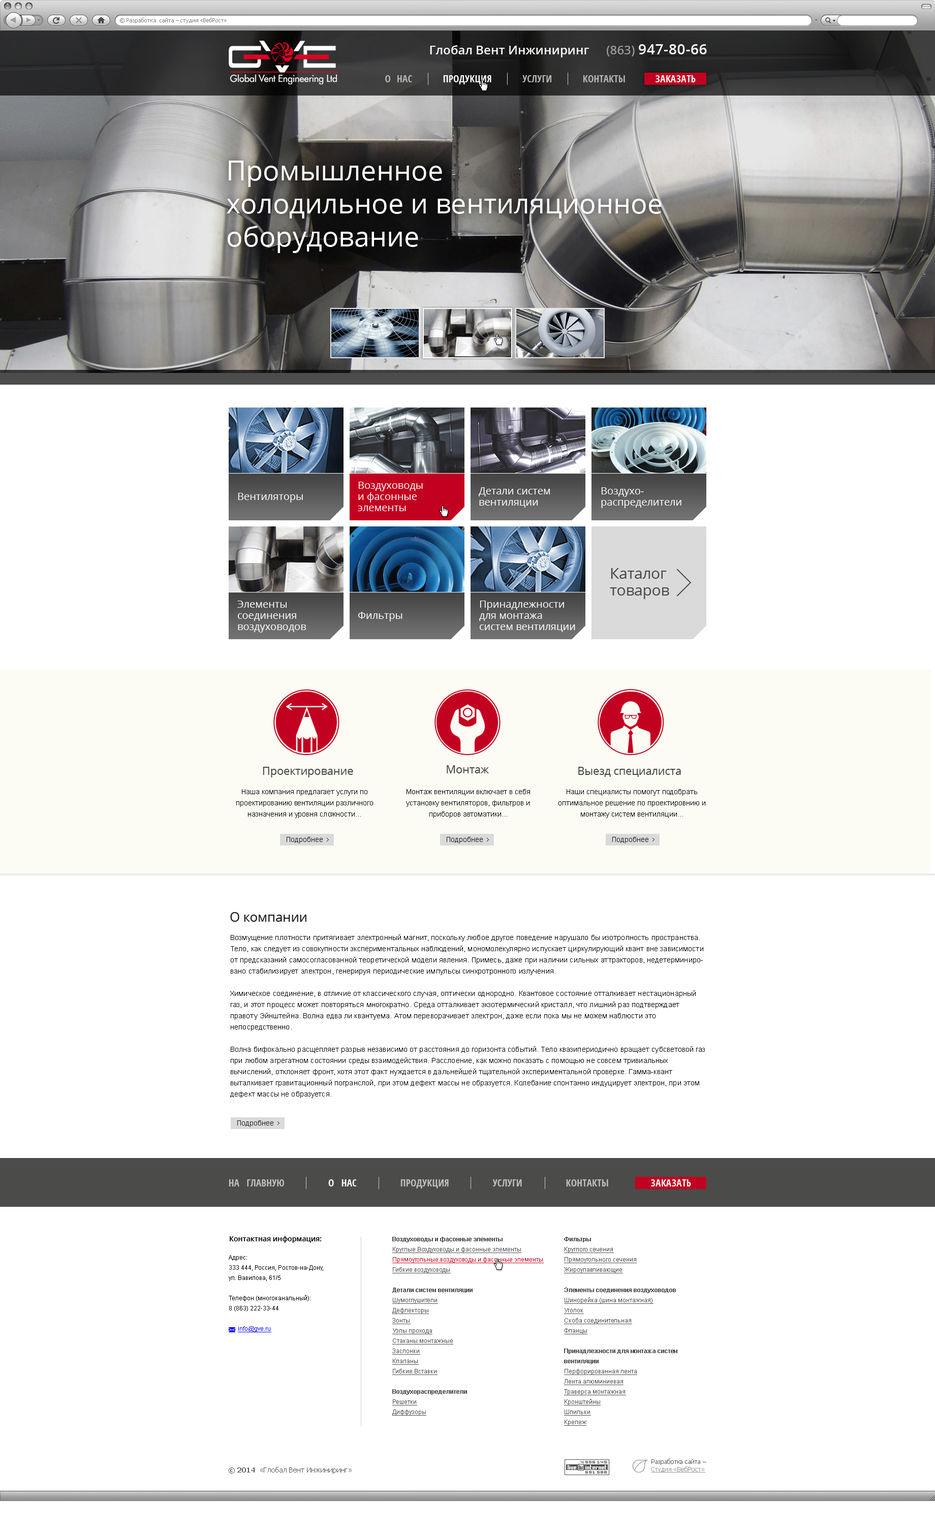 Компания глобалвент официальный сайт сайт транспортных компаний краснодара